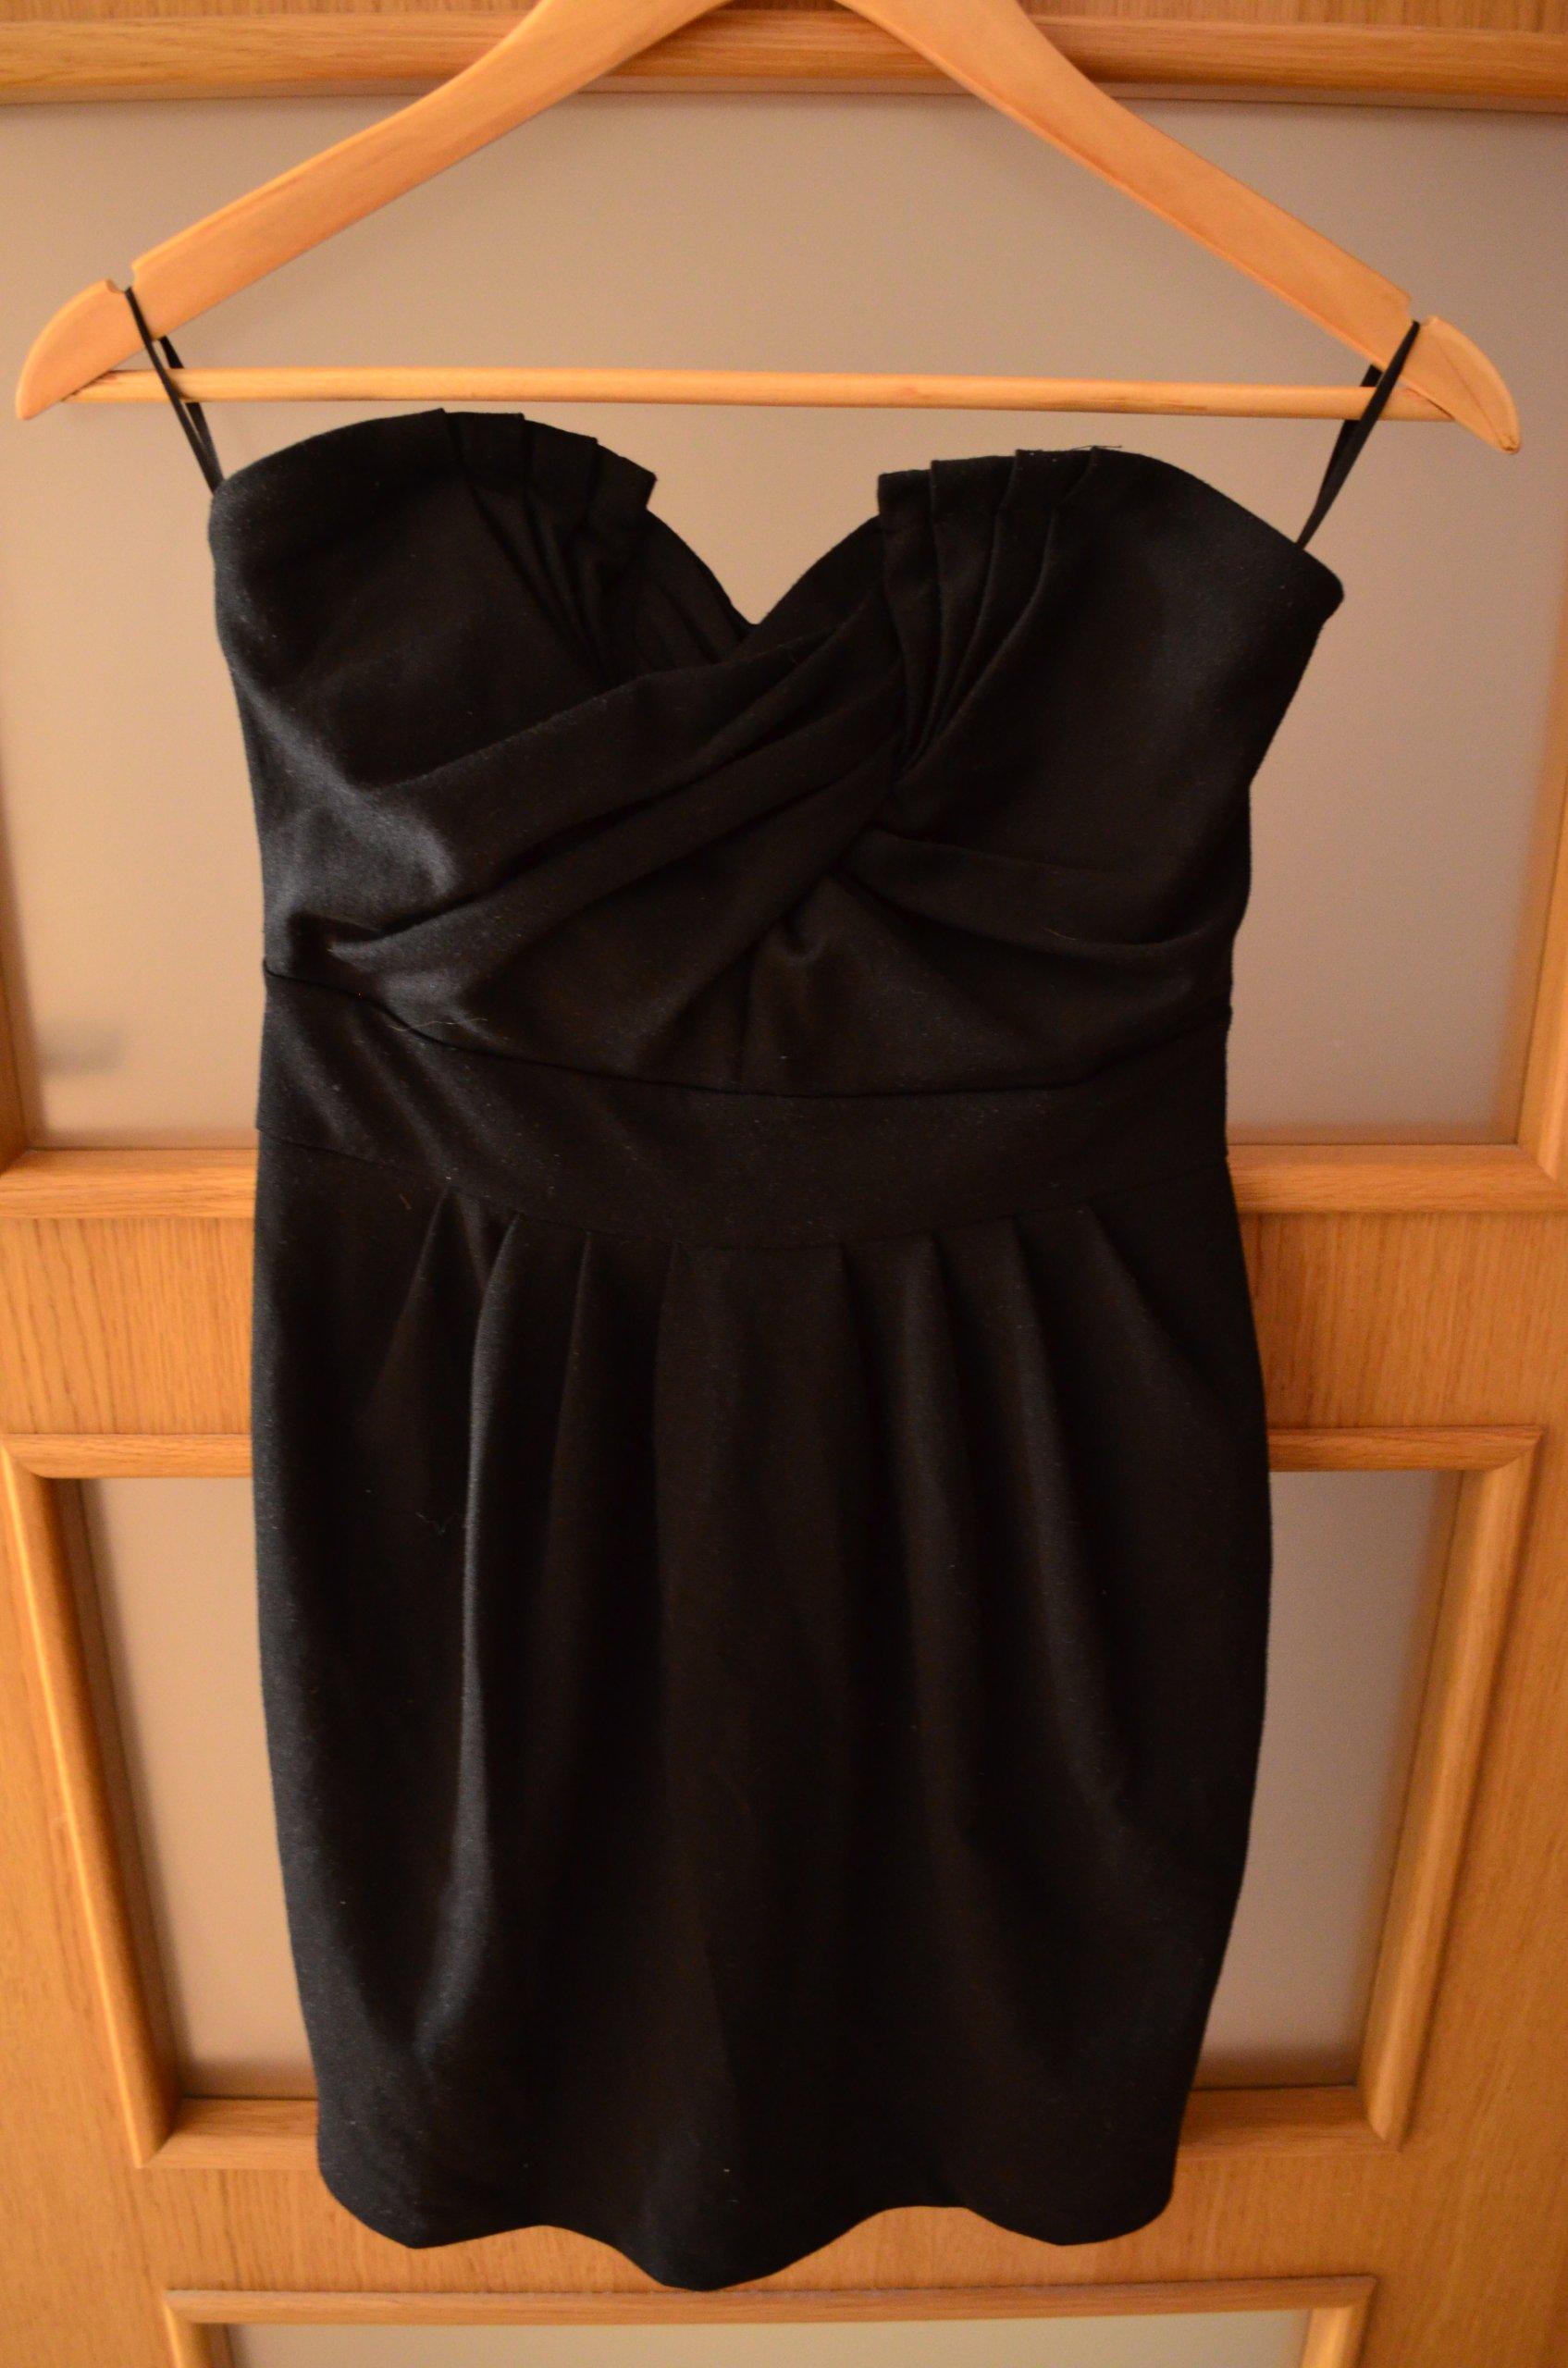 f4070ff40c H M sukienka czarna bez ramiączek tuba 36 S - 7352297977 - oficjalne ...